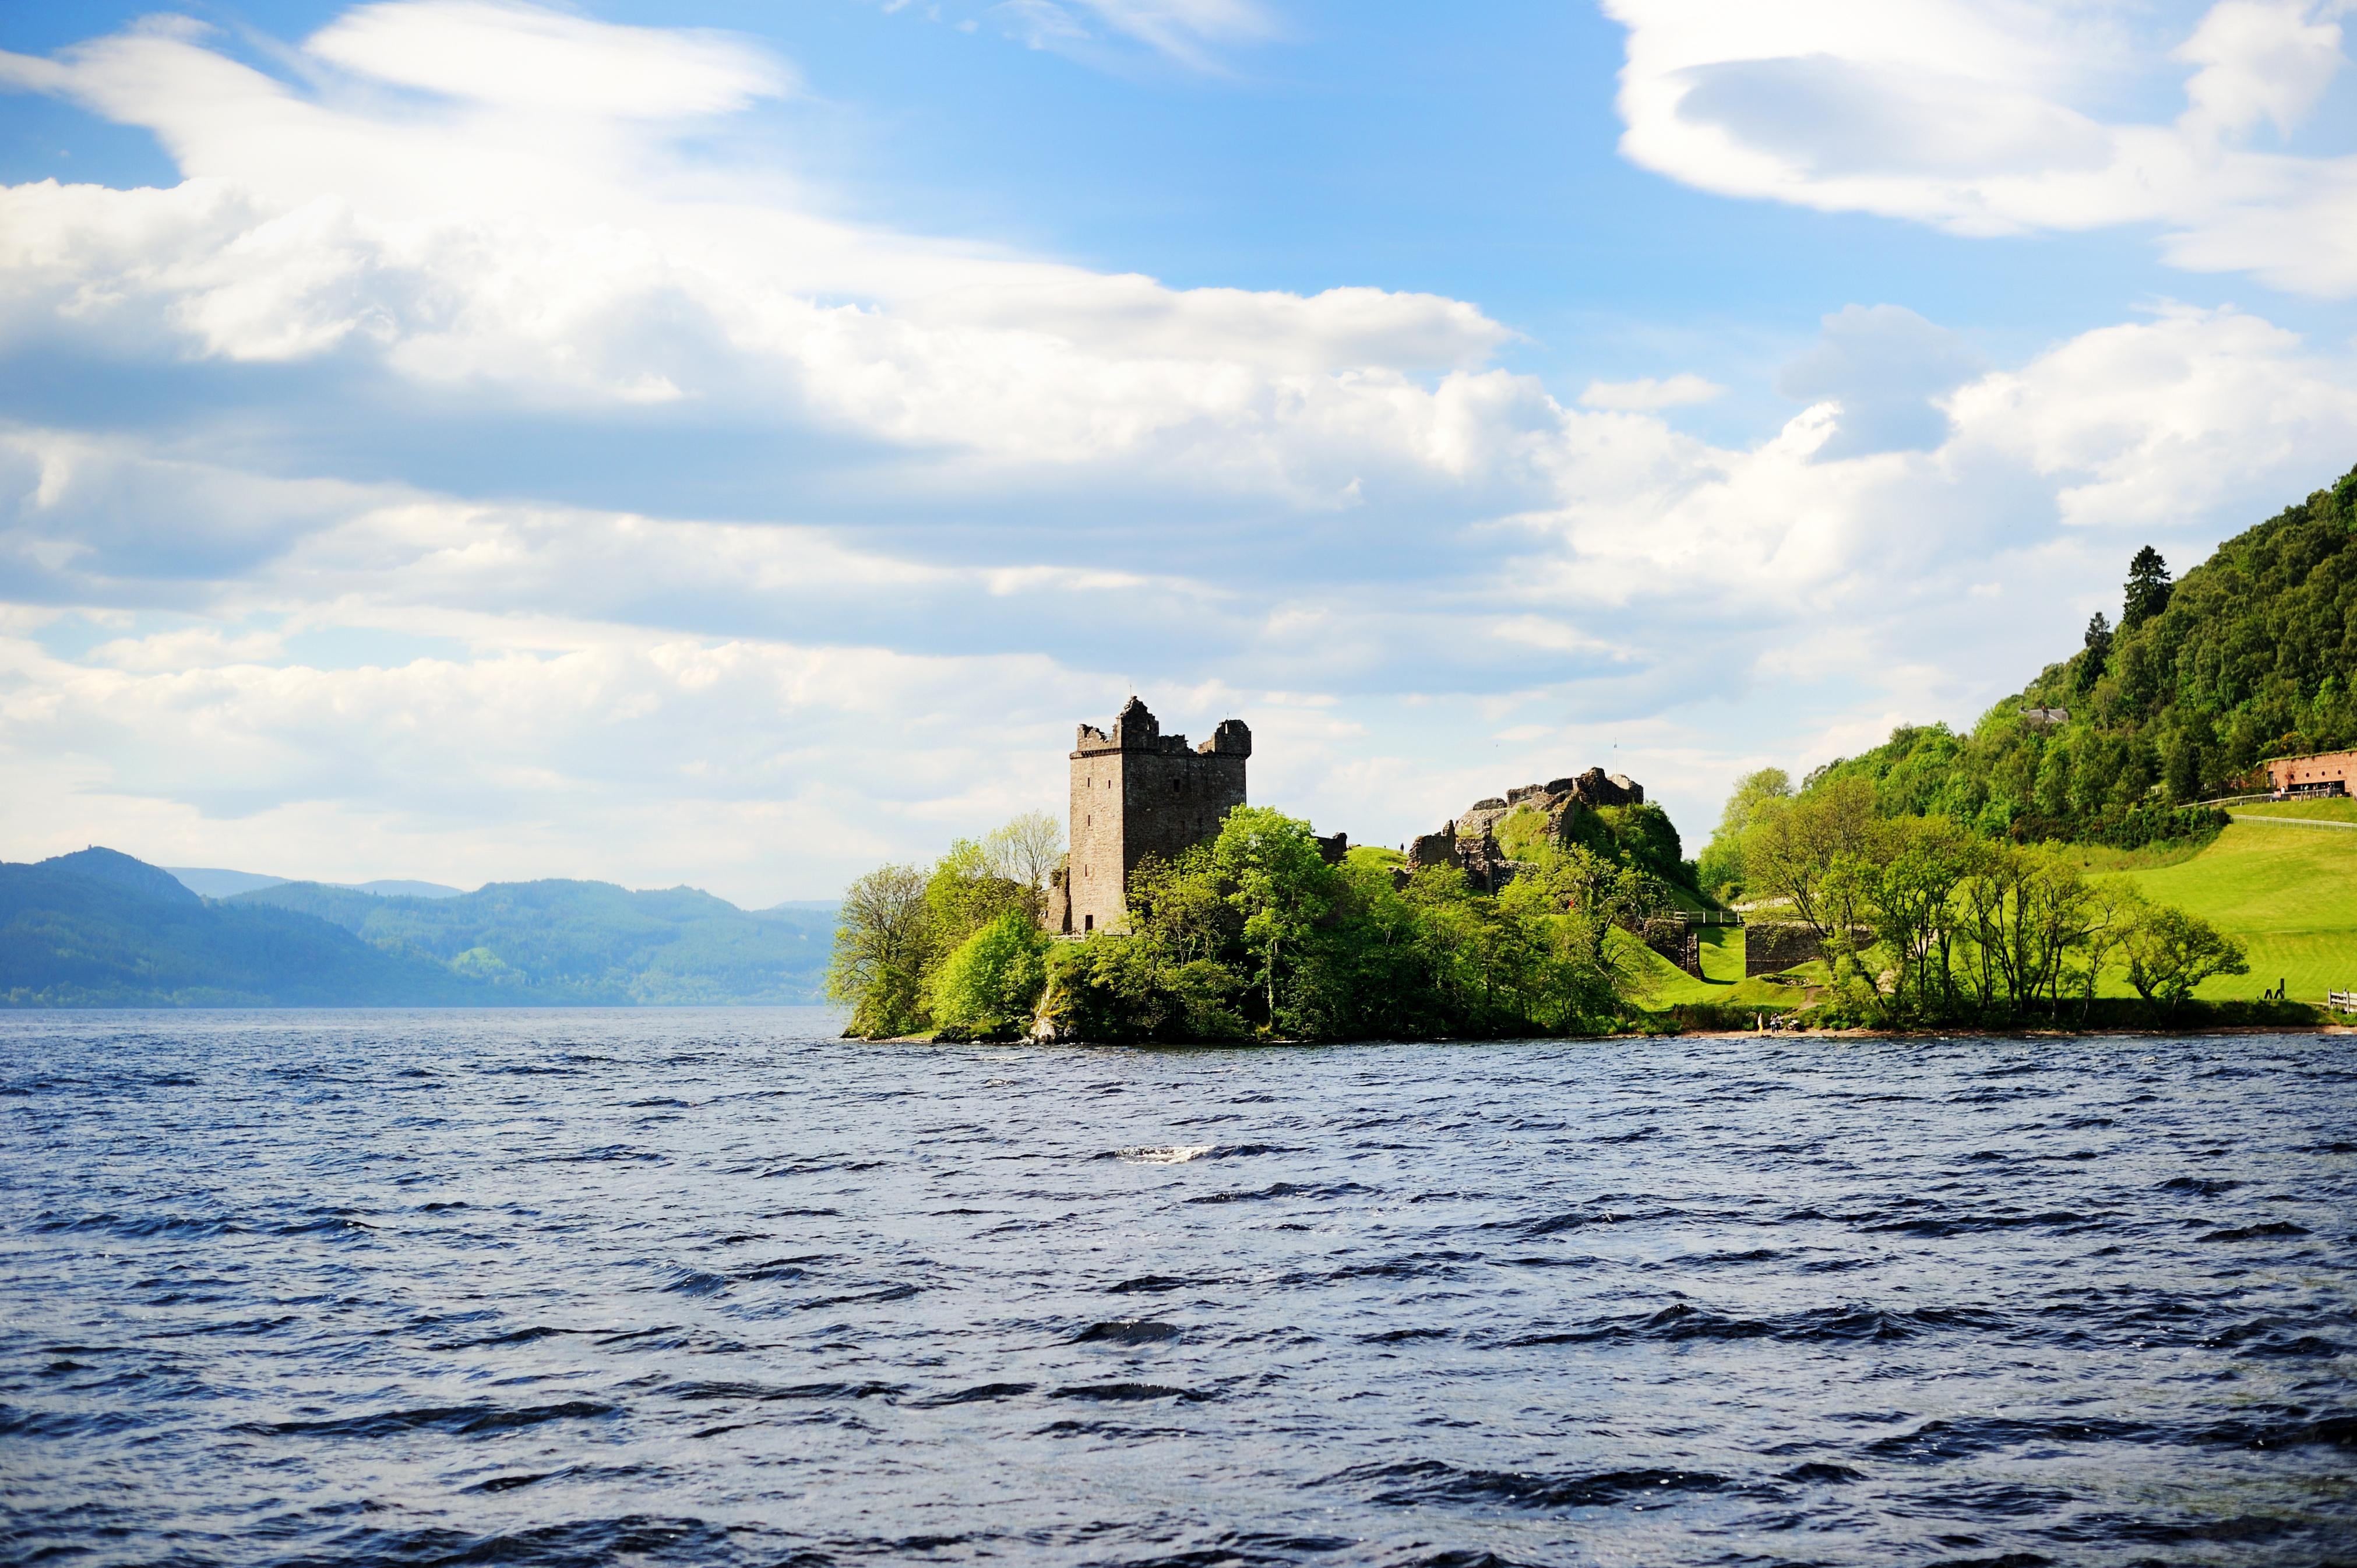 Nos vamos a buscar al monstruo del famoso lago Ness - Inglaterra Circuito Inglaterra y Escocia